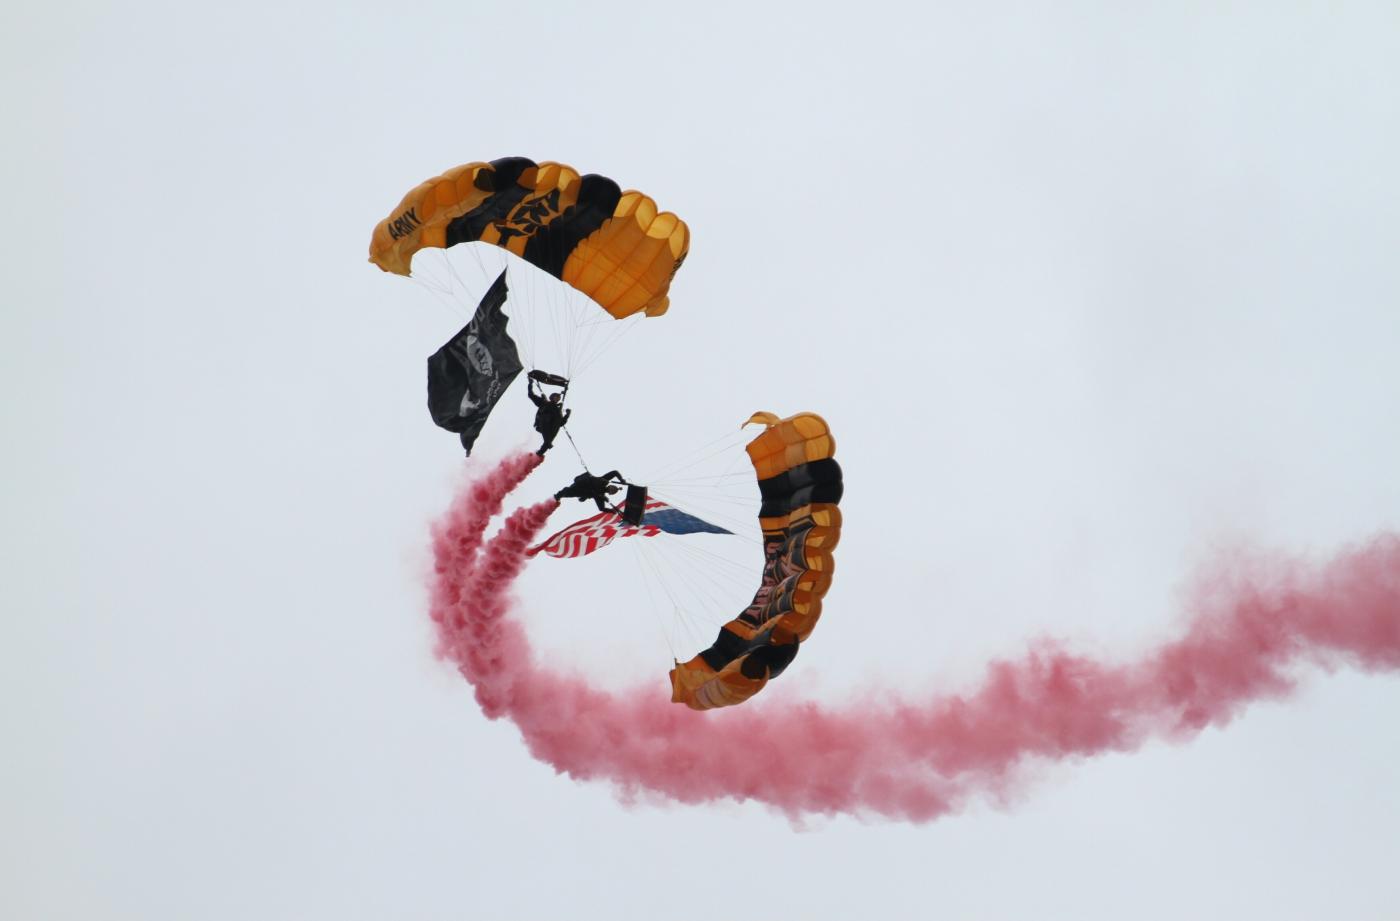 【田螺摄影】2017琼斯航空秀、跳伞、雷鸟、救援_图1-1